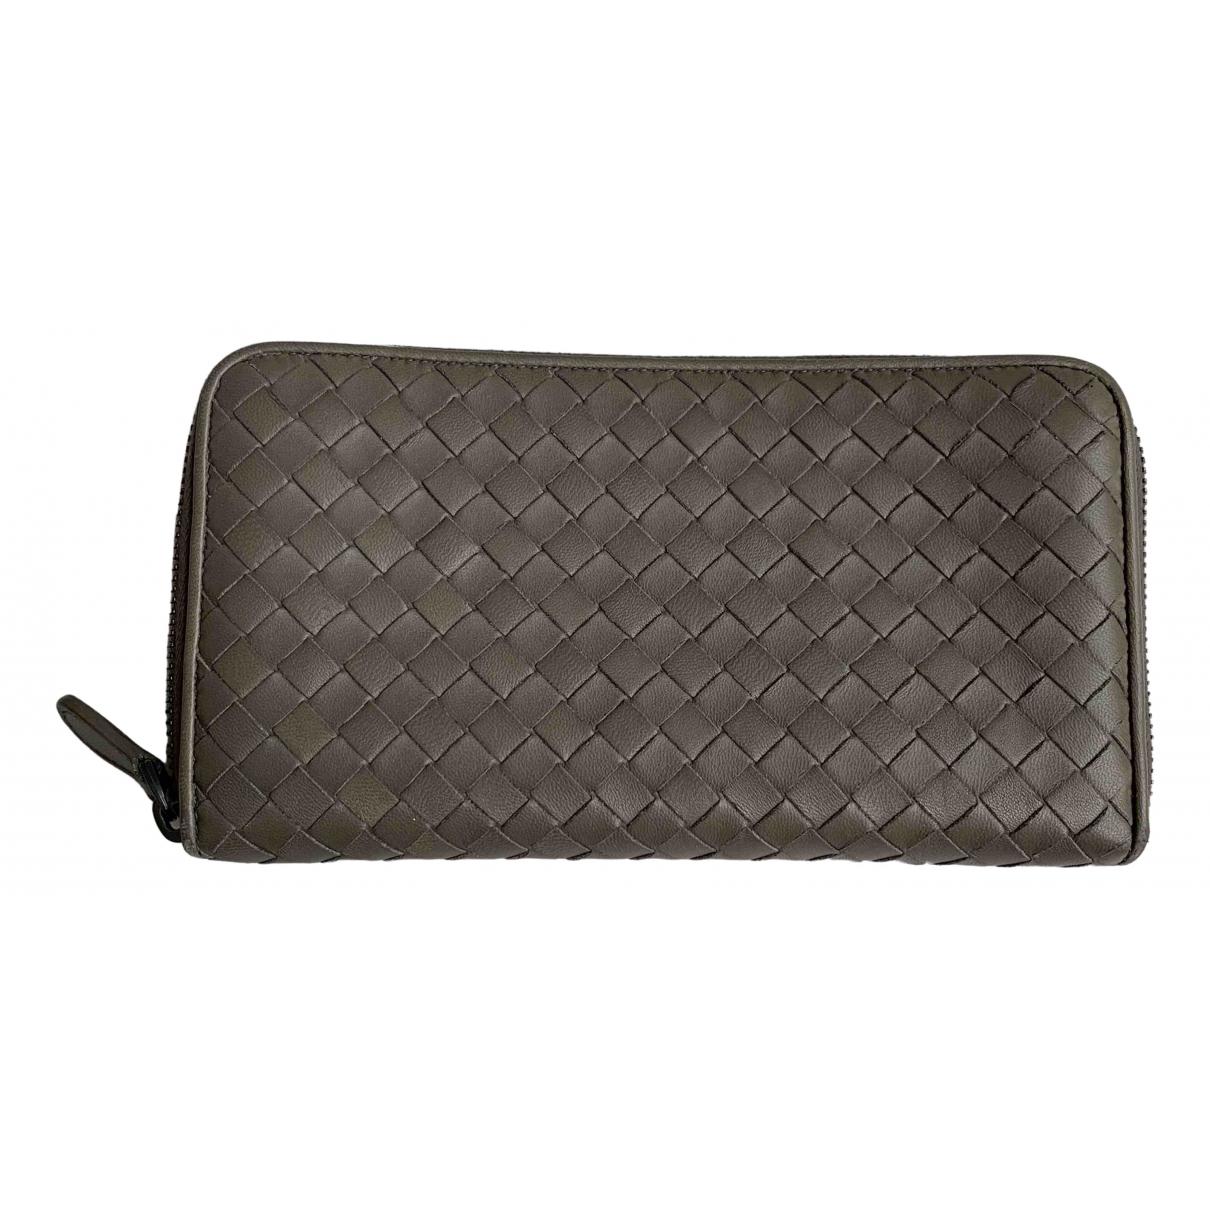 Bottega Veneta - Portefeuille Intrecciato pour femme en cuir - gris